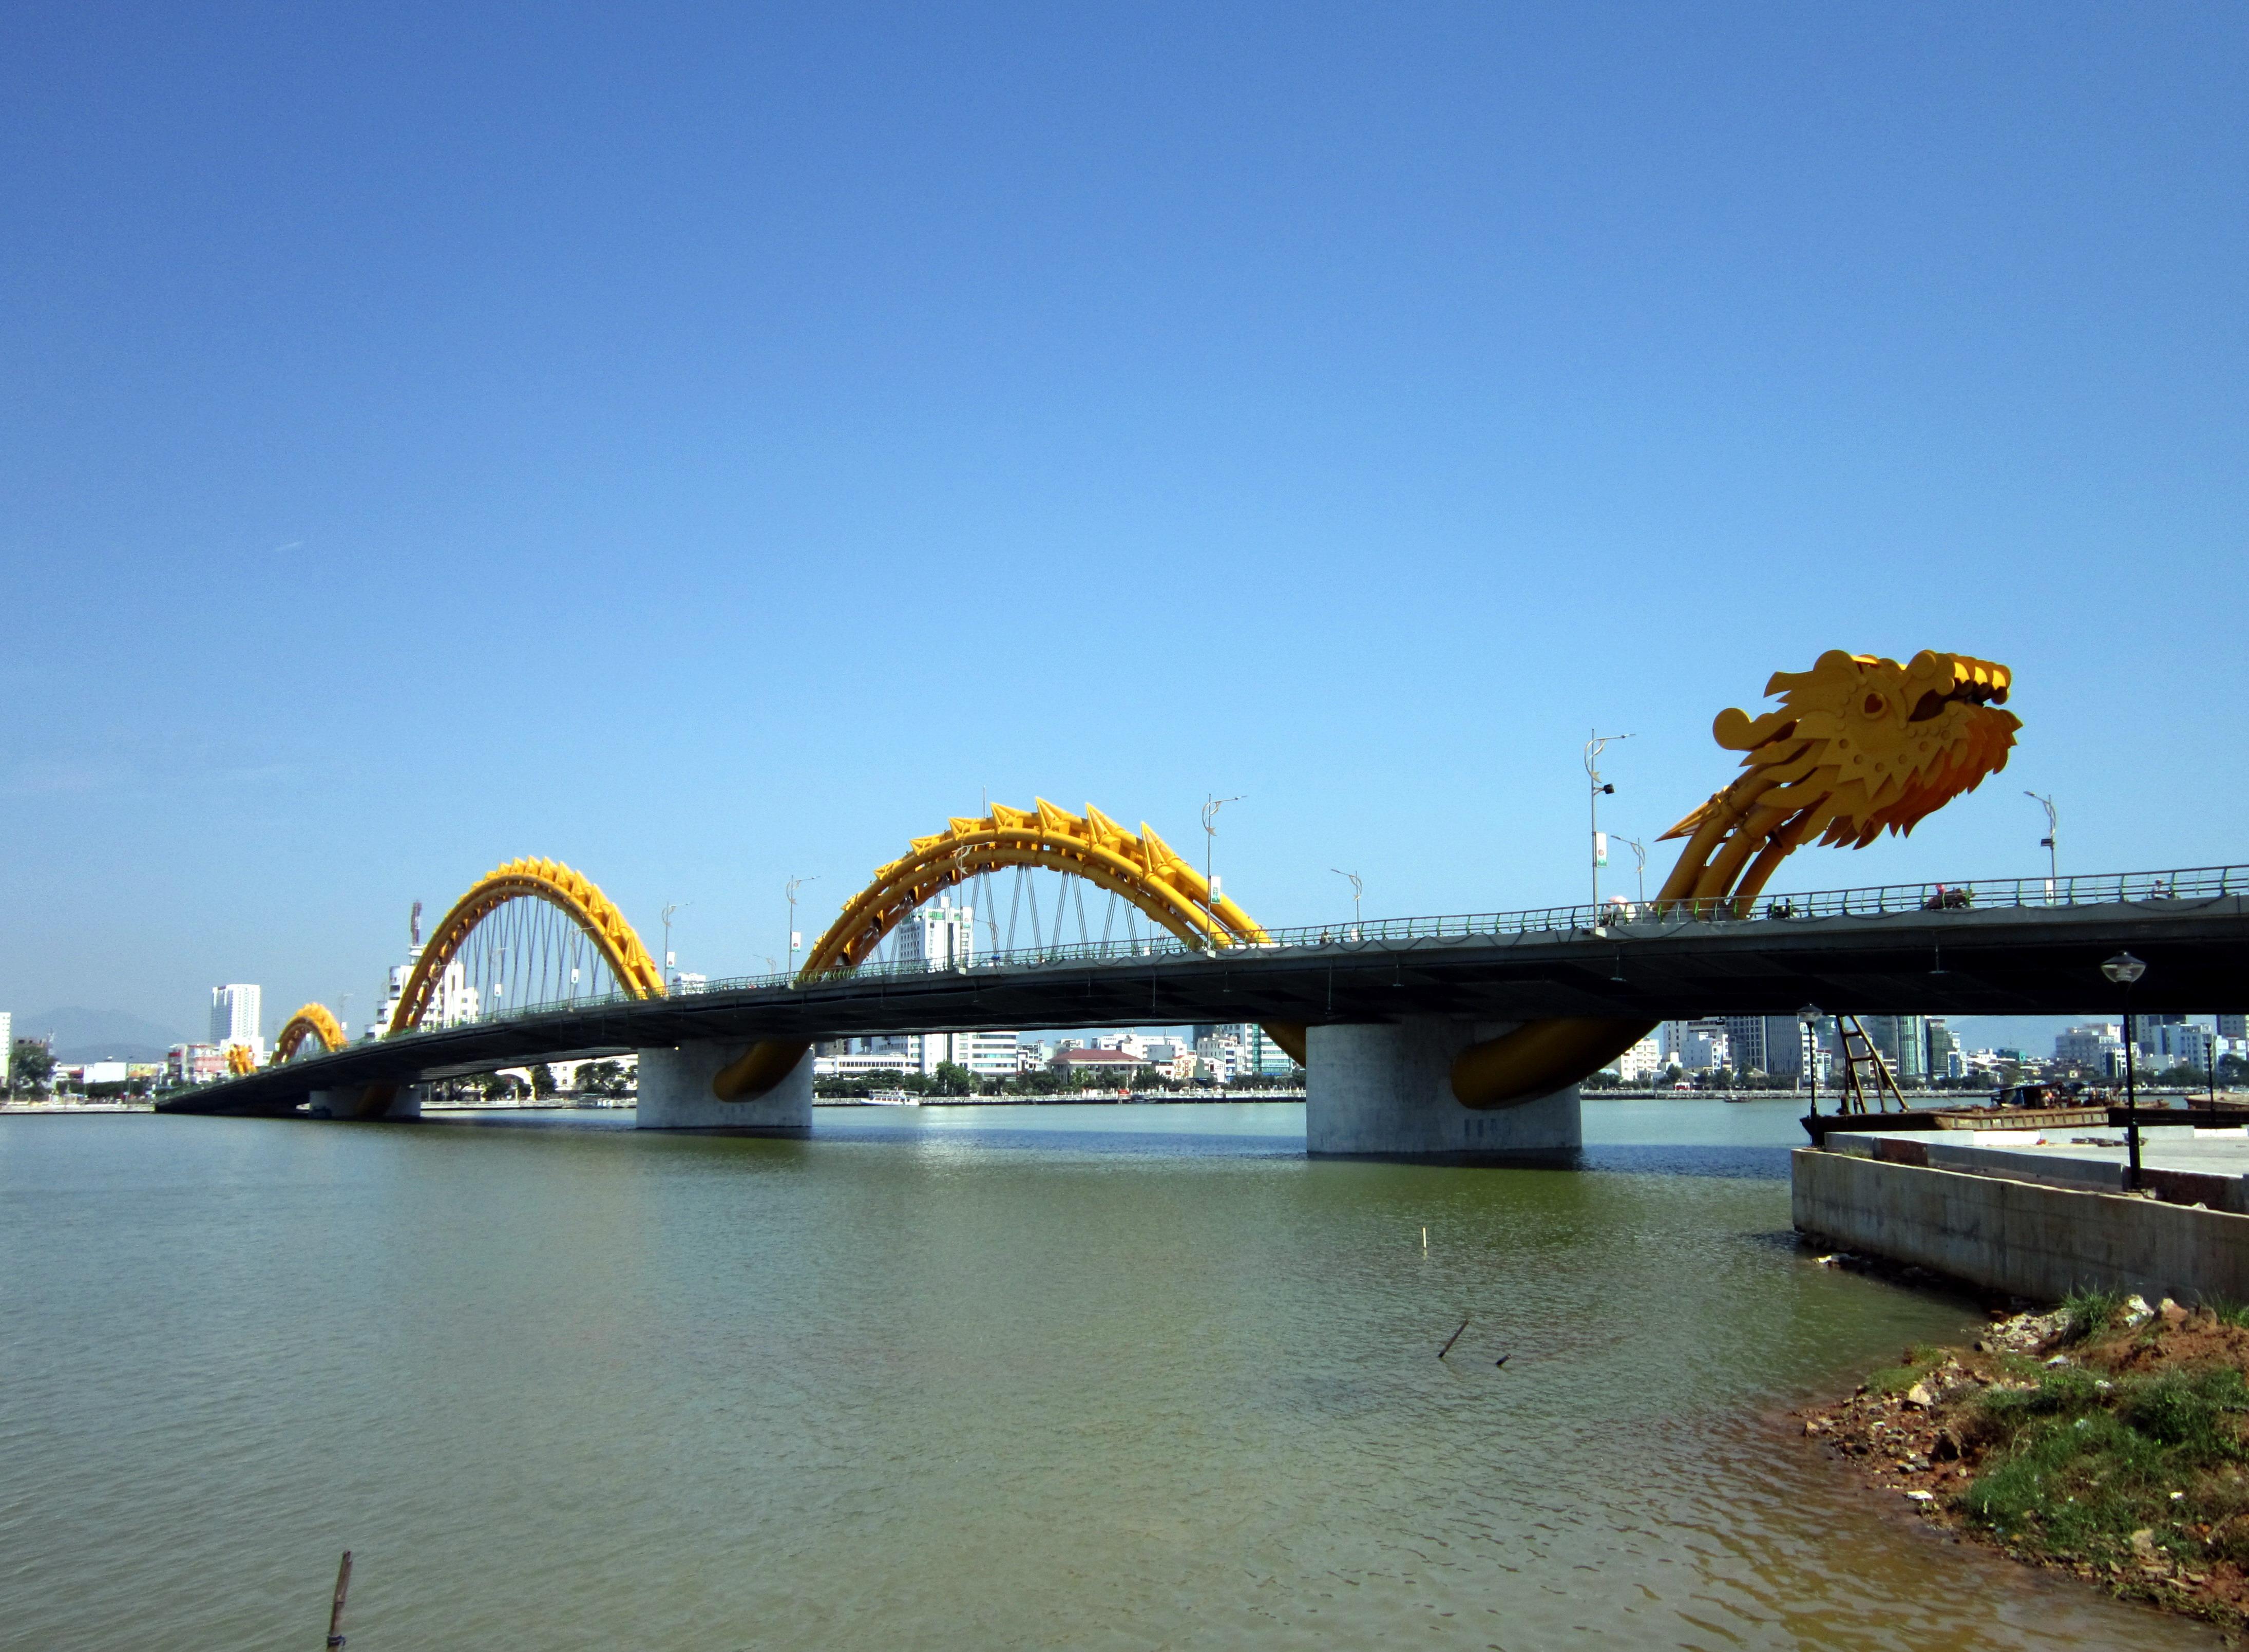 Bán nhớt Shell Advance chính hãng tại Đà Nẵng